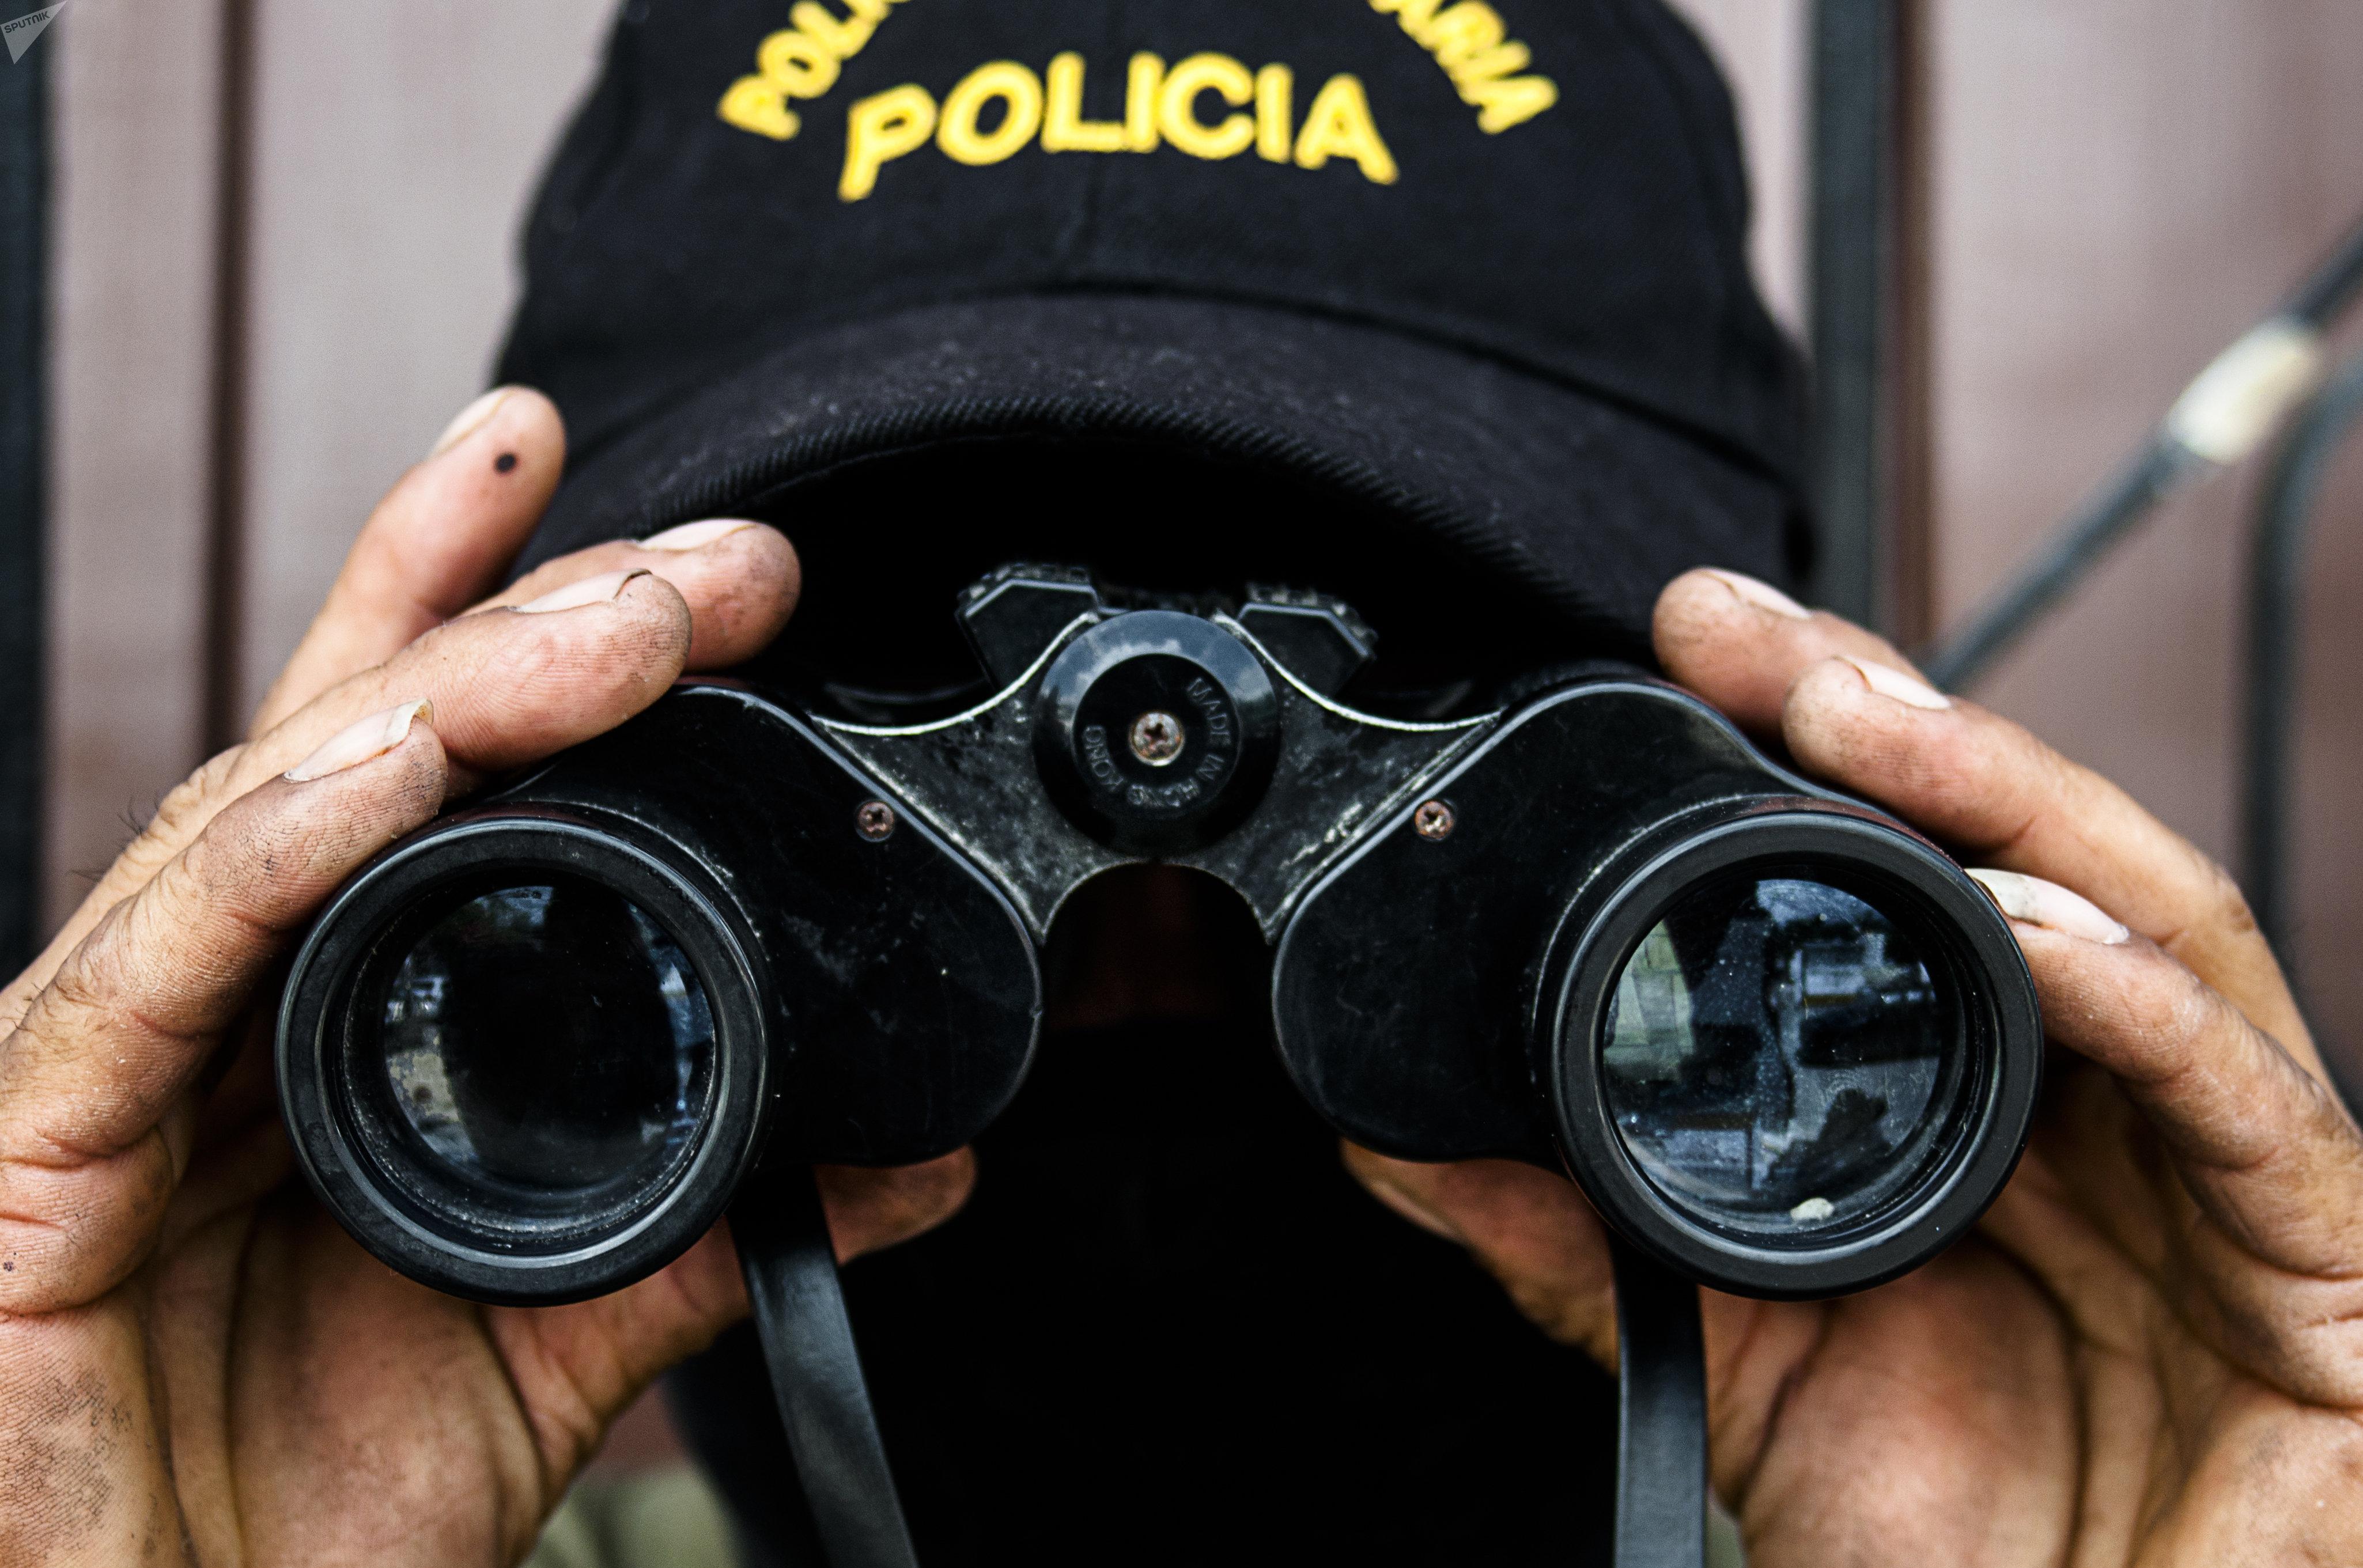 Policía Comunitaria de Olinalá, estado de Guerrero, México